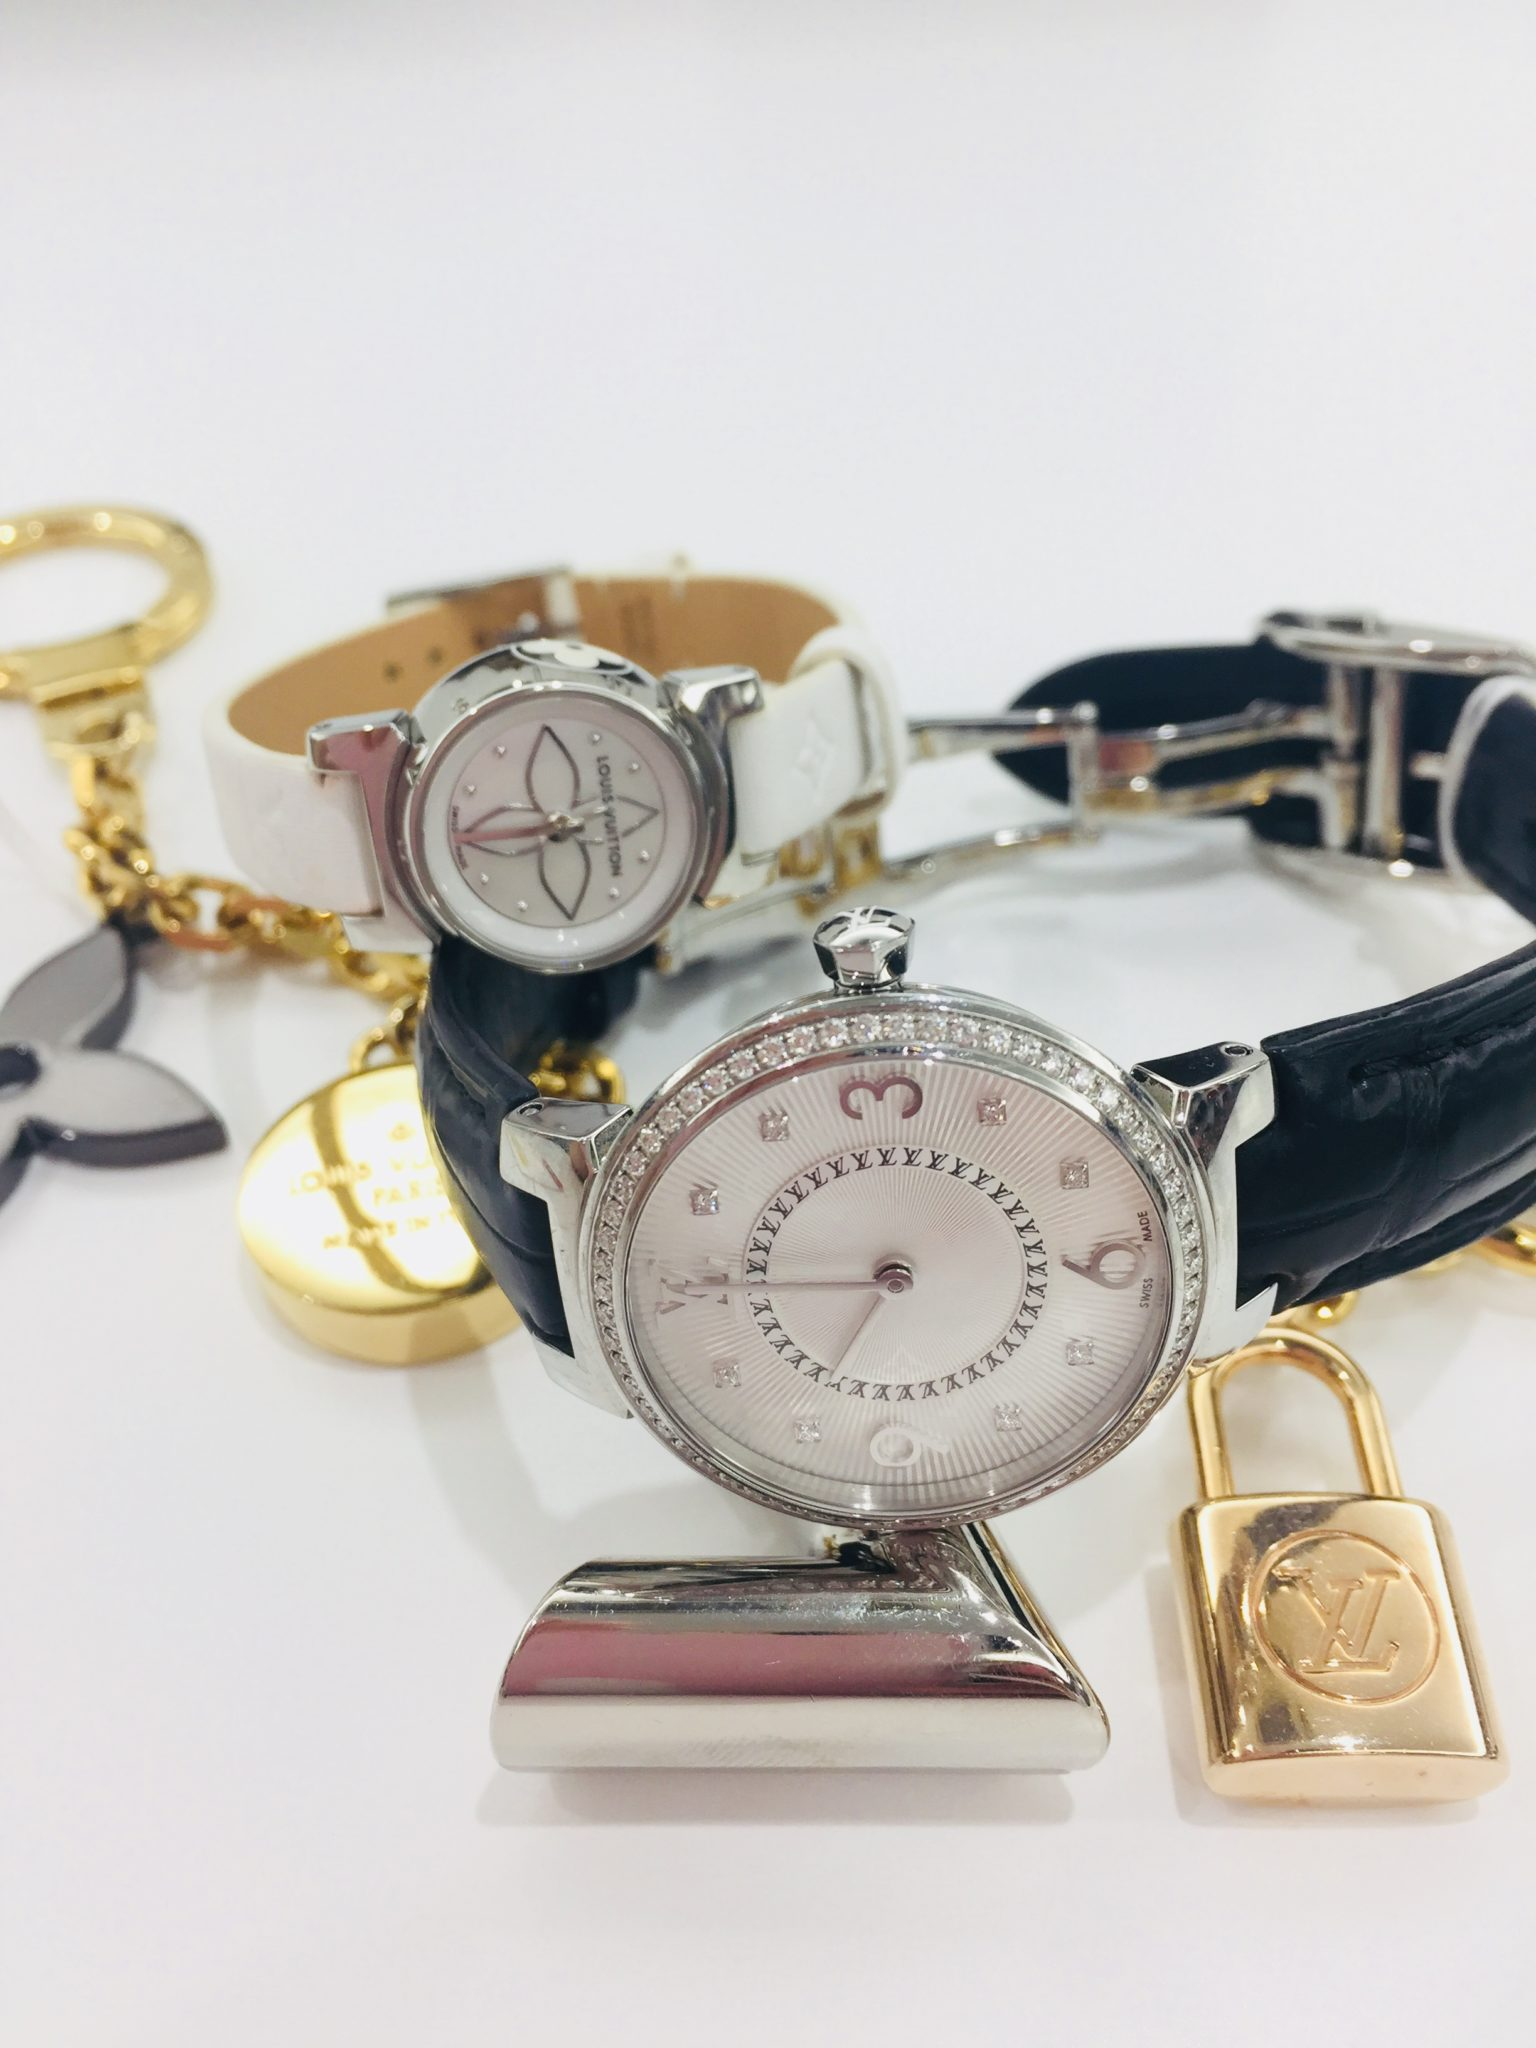 【盛岡 ブランド 販売】LOUIS VUITTON ルイヴィトン タンブール 腕時計